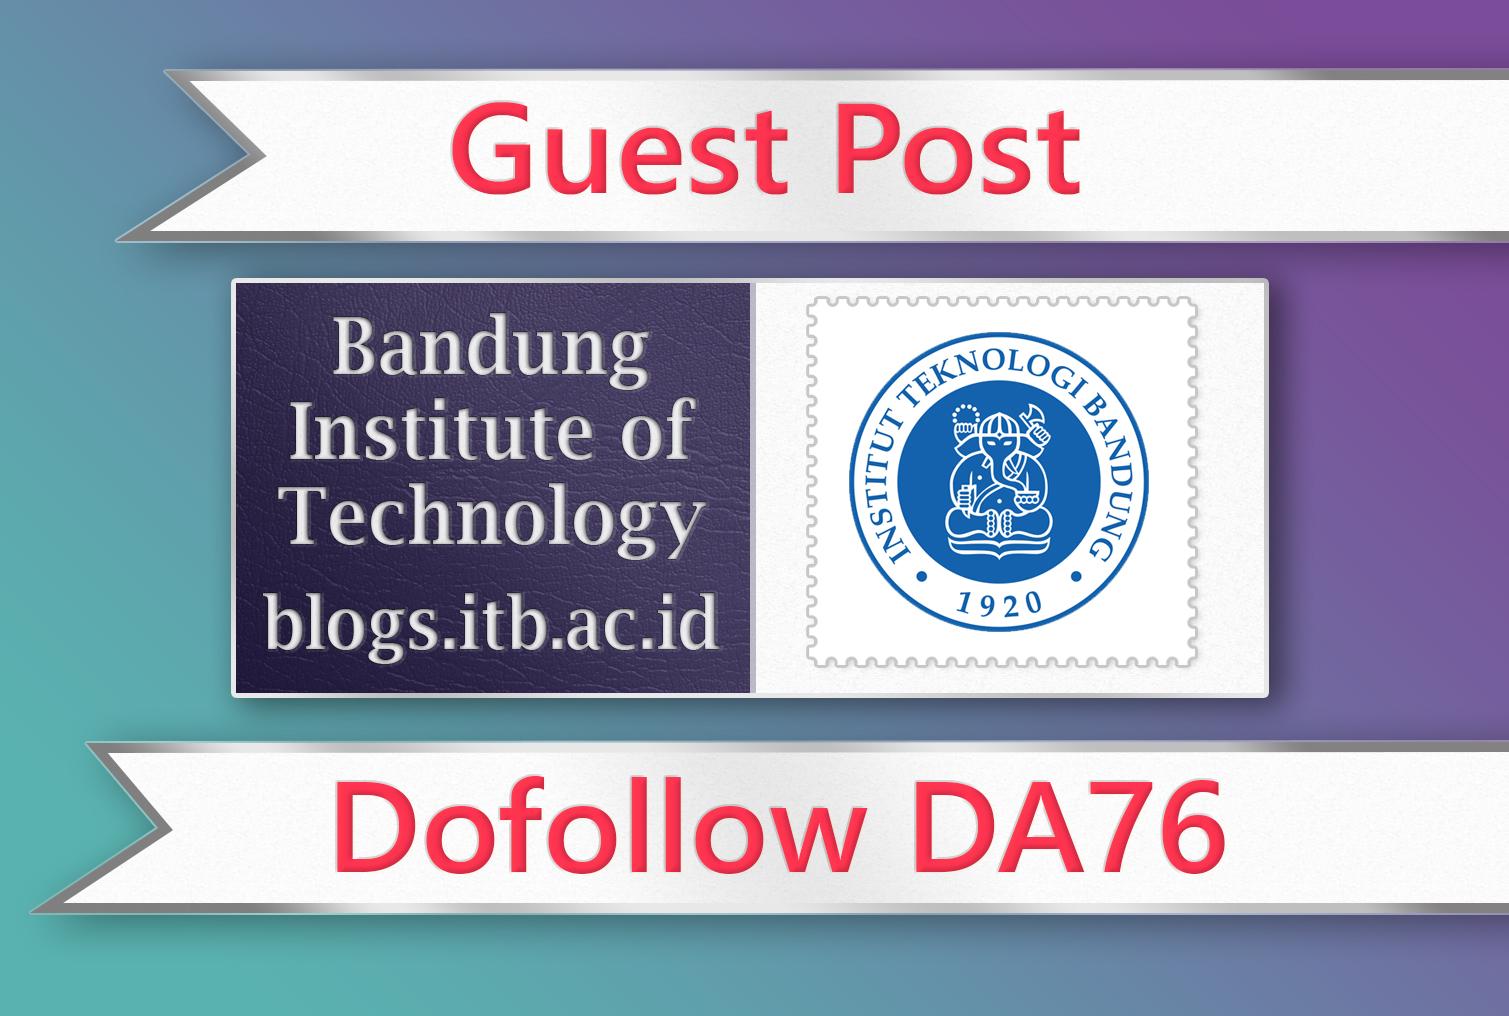 Guest post on Bandung EDU - DA76